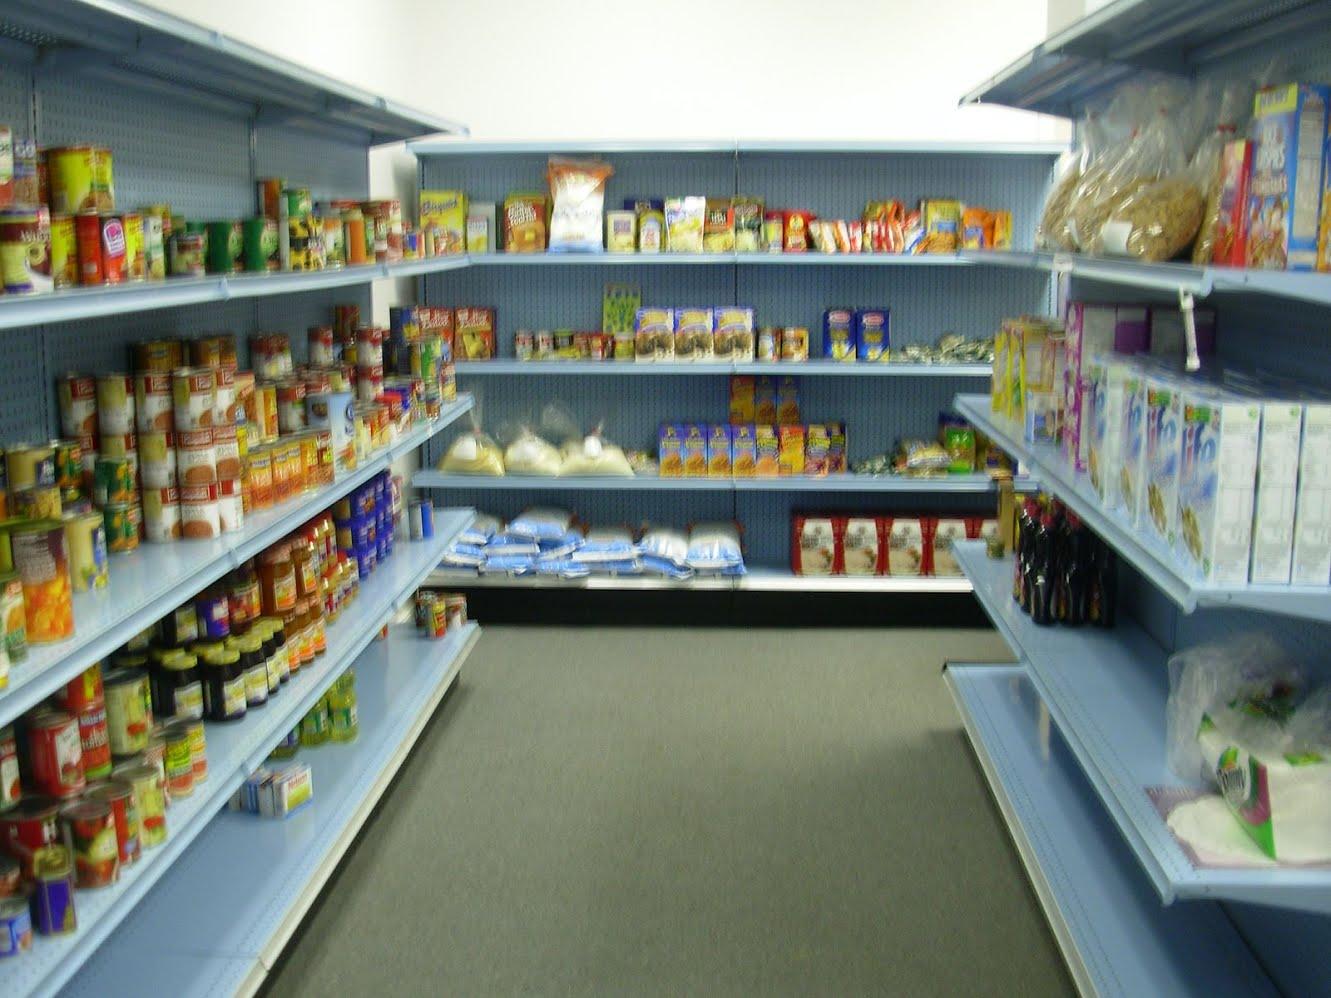 Food Pantry Near Parma Ohio